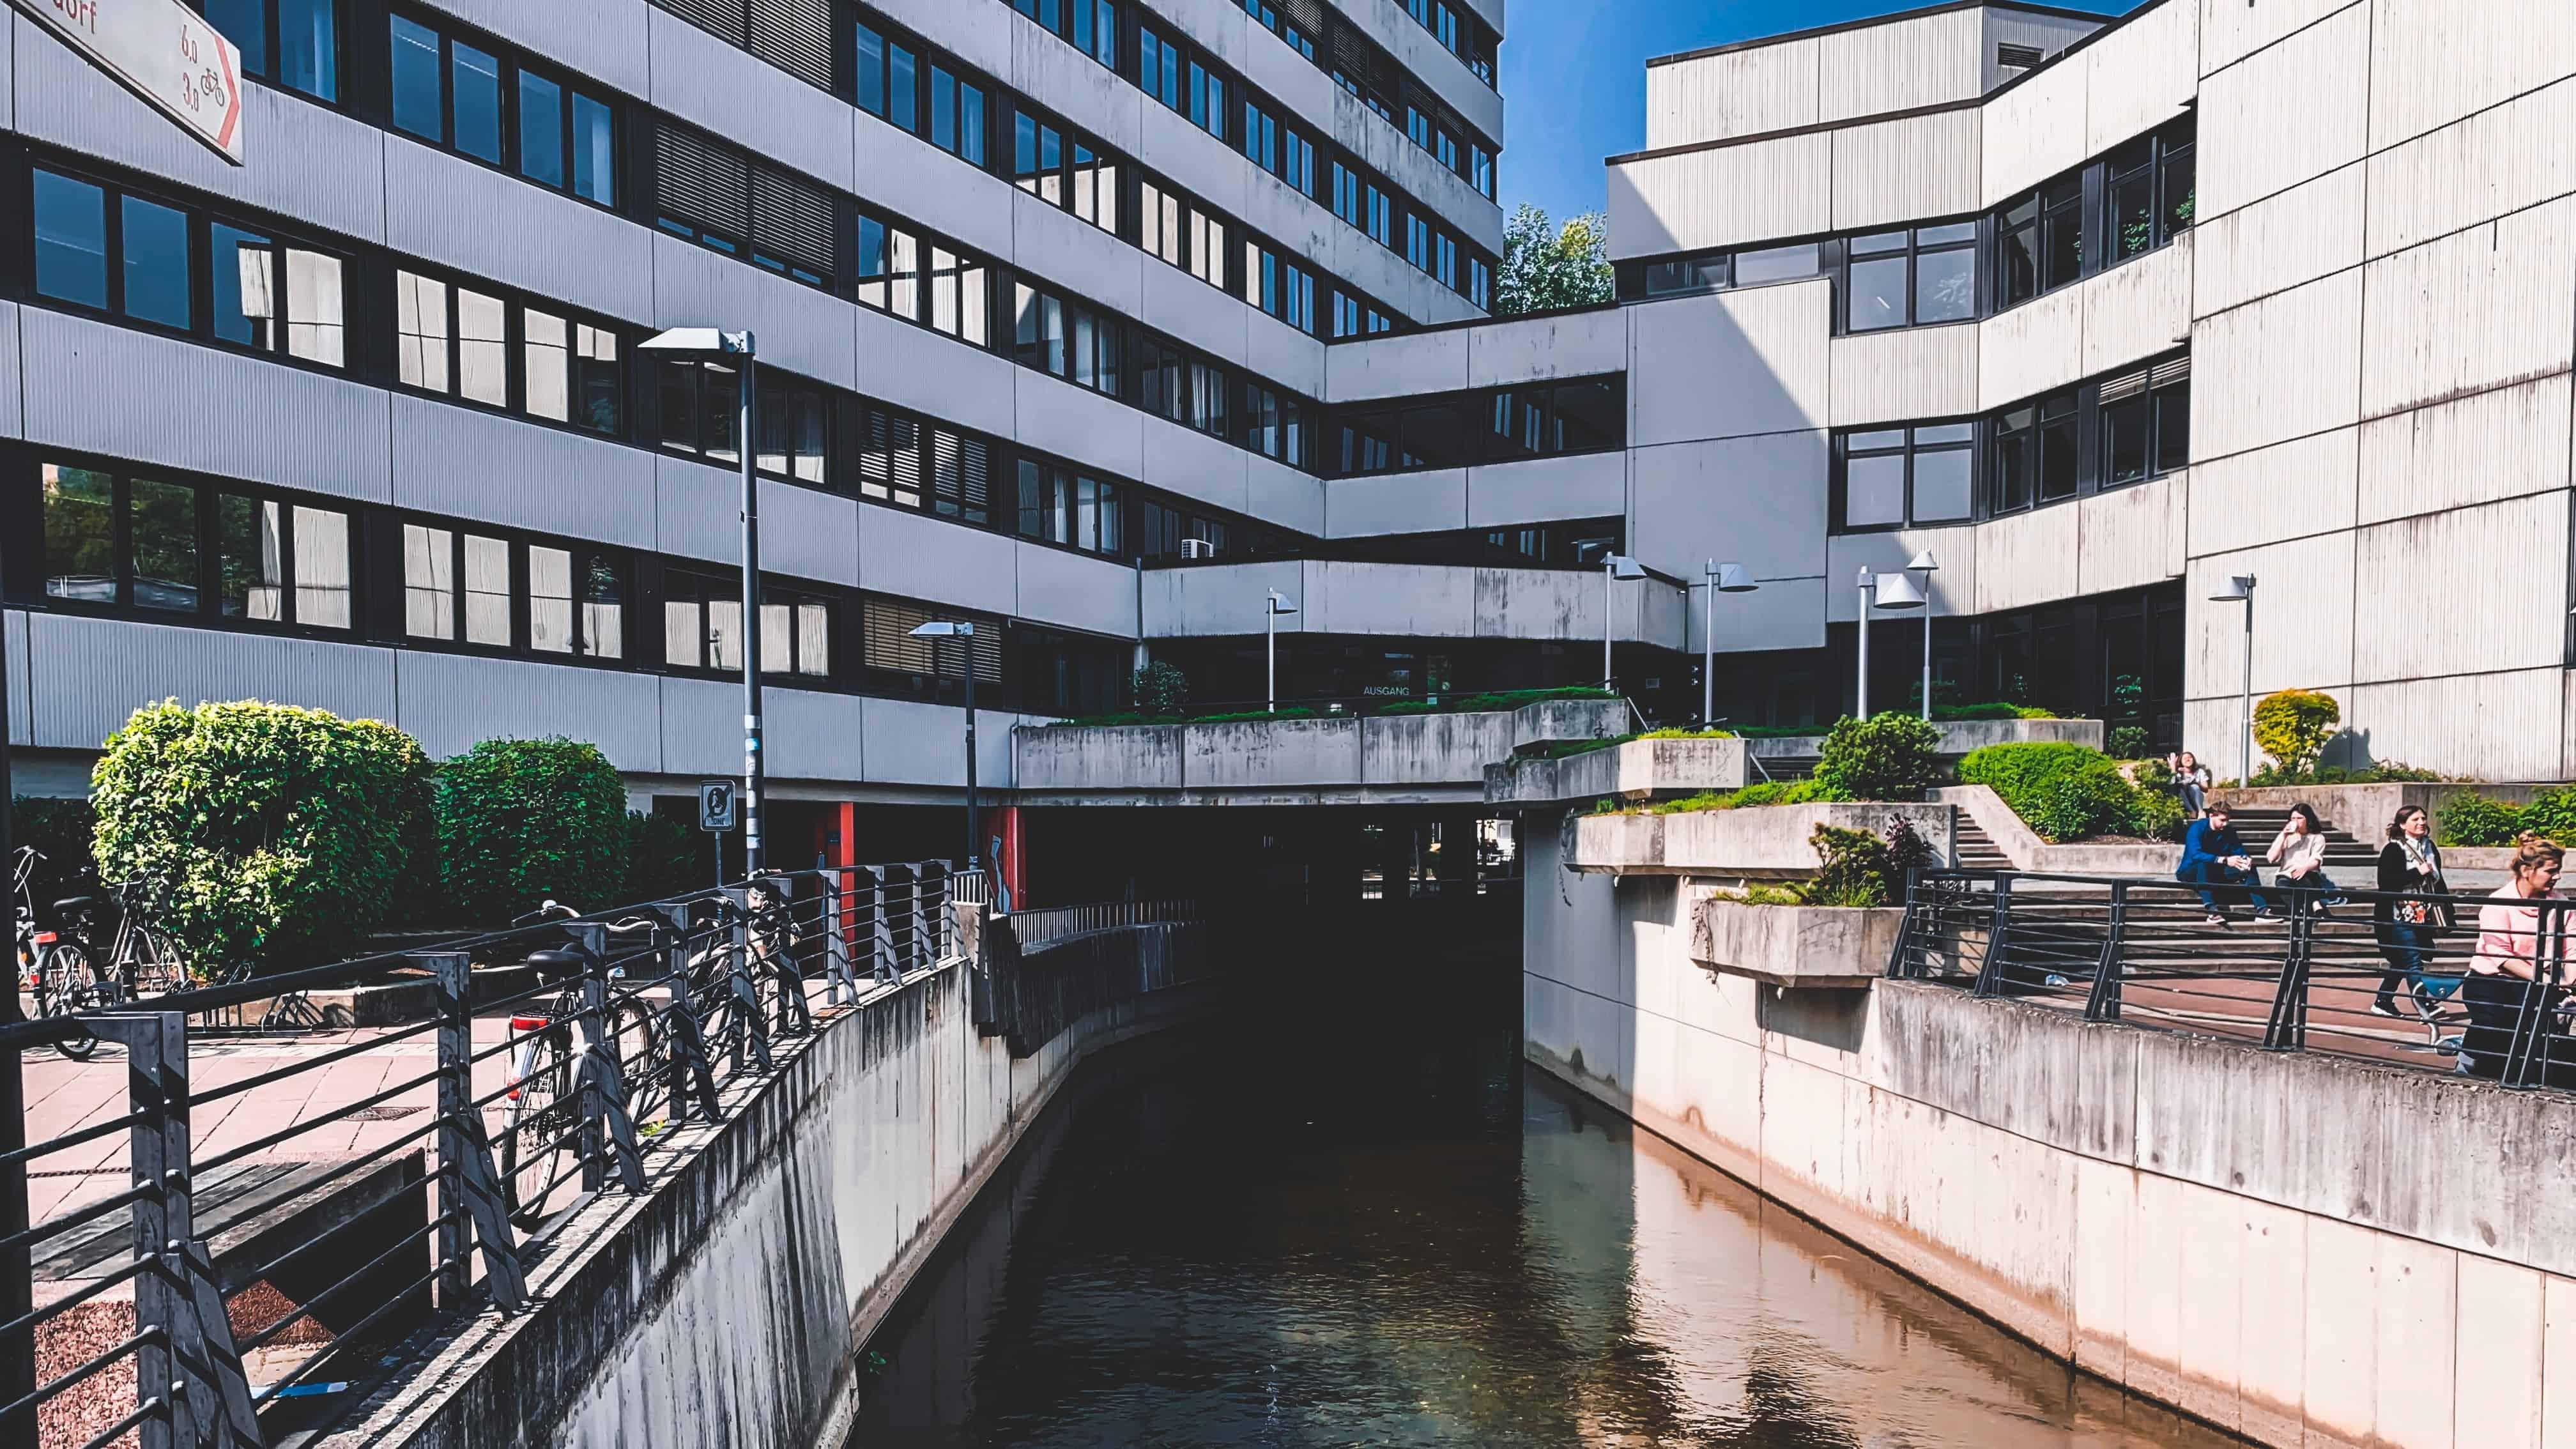 Stiftung als Immobilieninvestor: Kaiserschild Stiftung kauft City Gate von Family Office